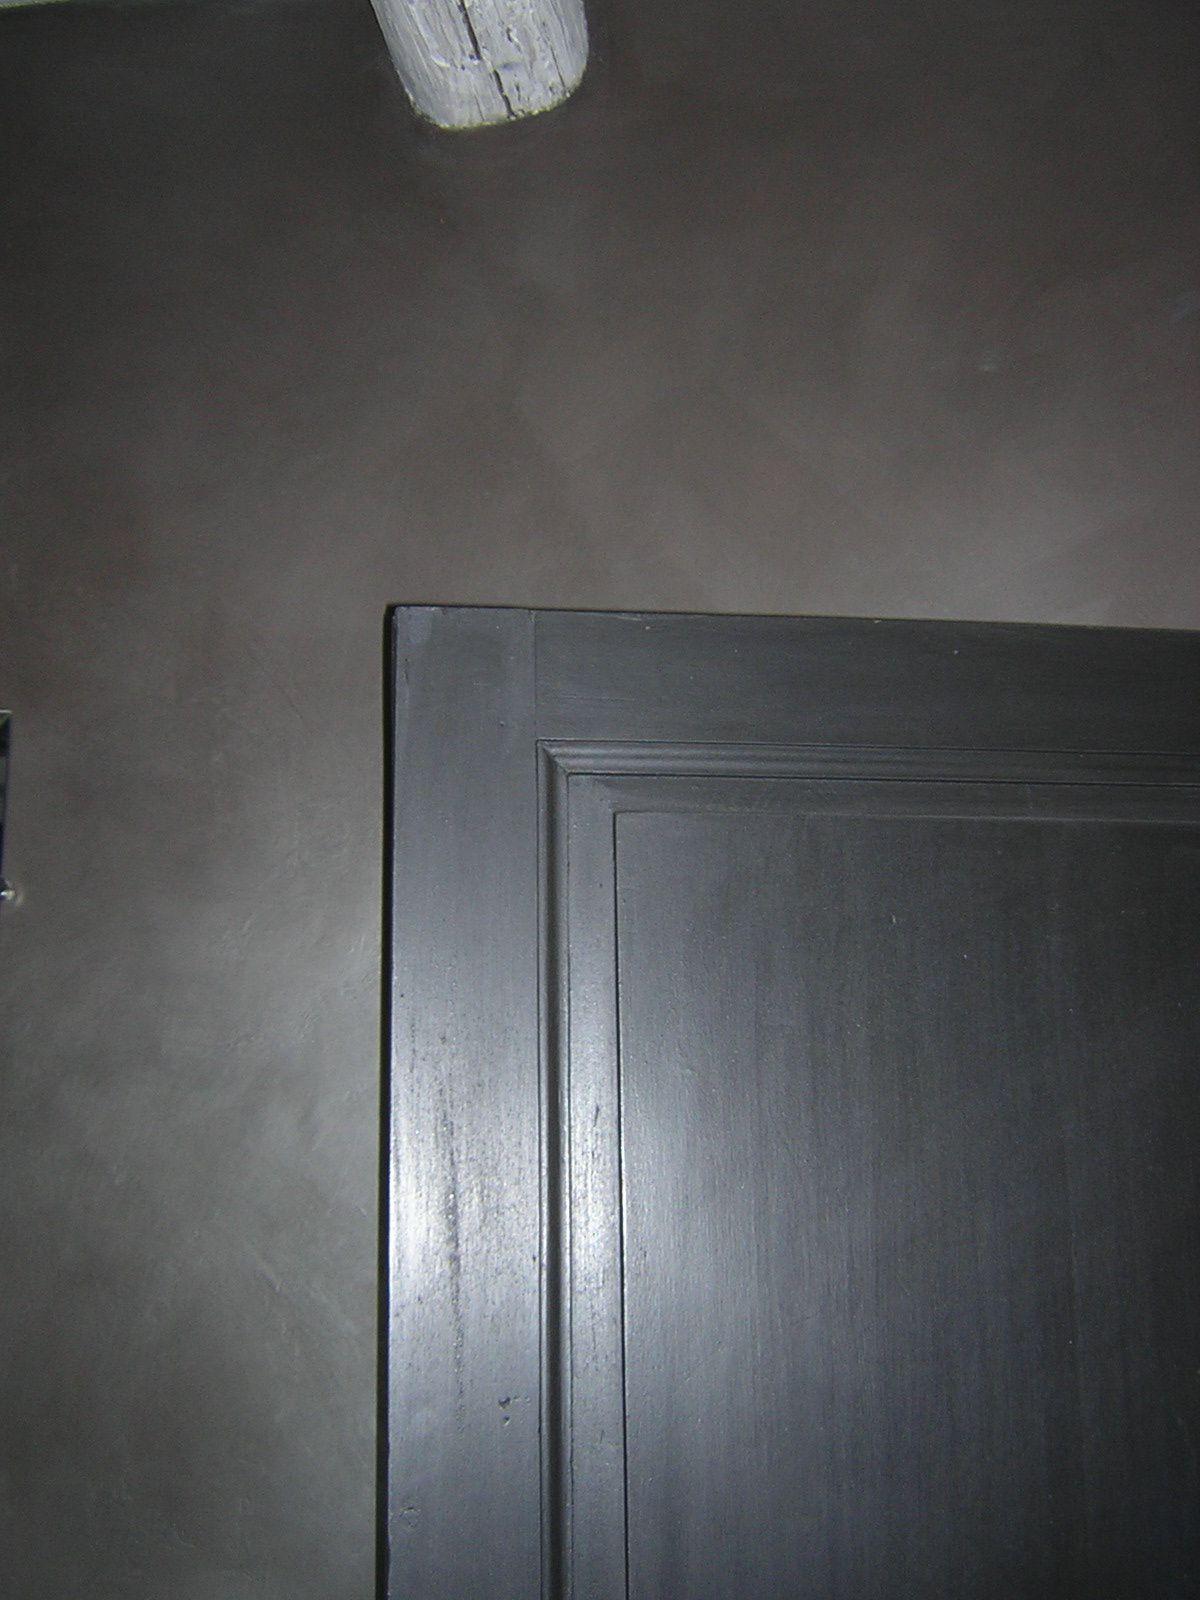 D co peinture a la chaux tollens nanterre 2228 peinture ardoise prix peinture abstraite for Prix peinture tollens